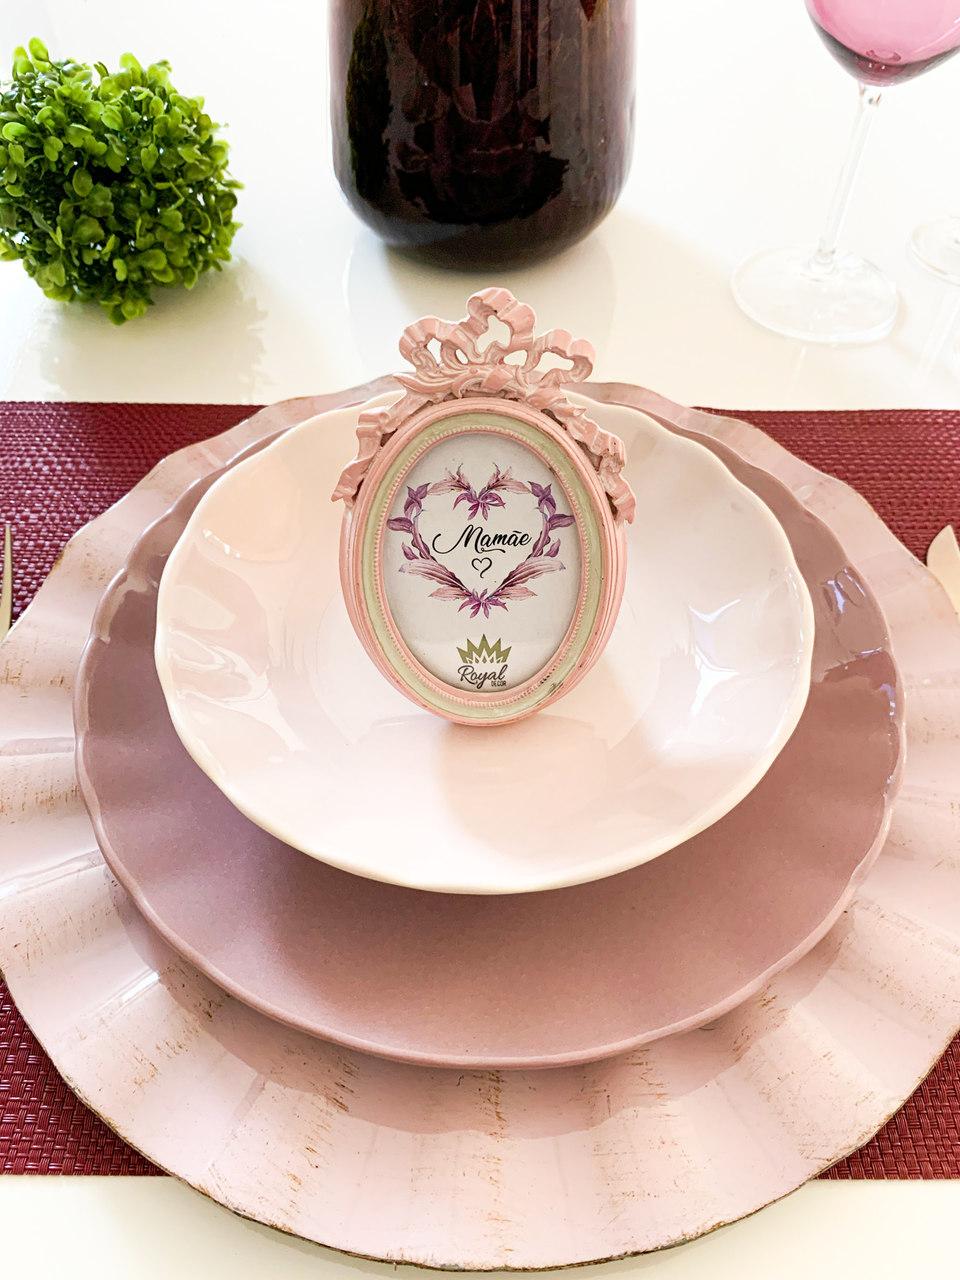 Jogo 6 pratos 20 cm fundo de cerâmica Bergama  Lilac Wolff - 17526